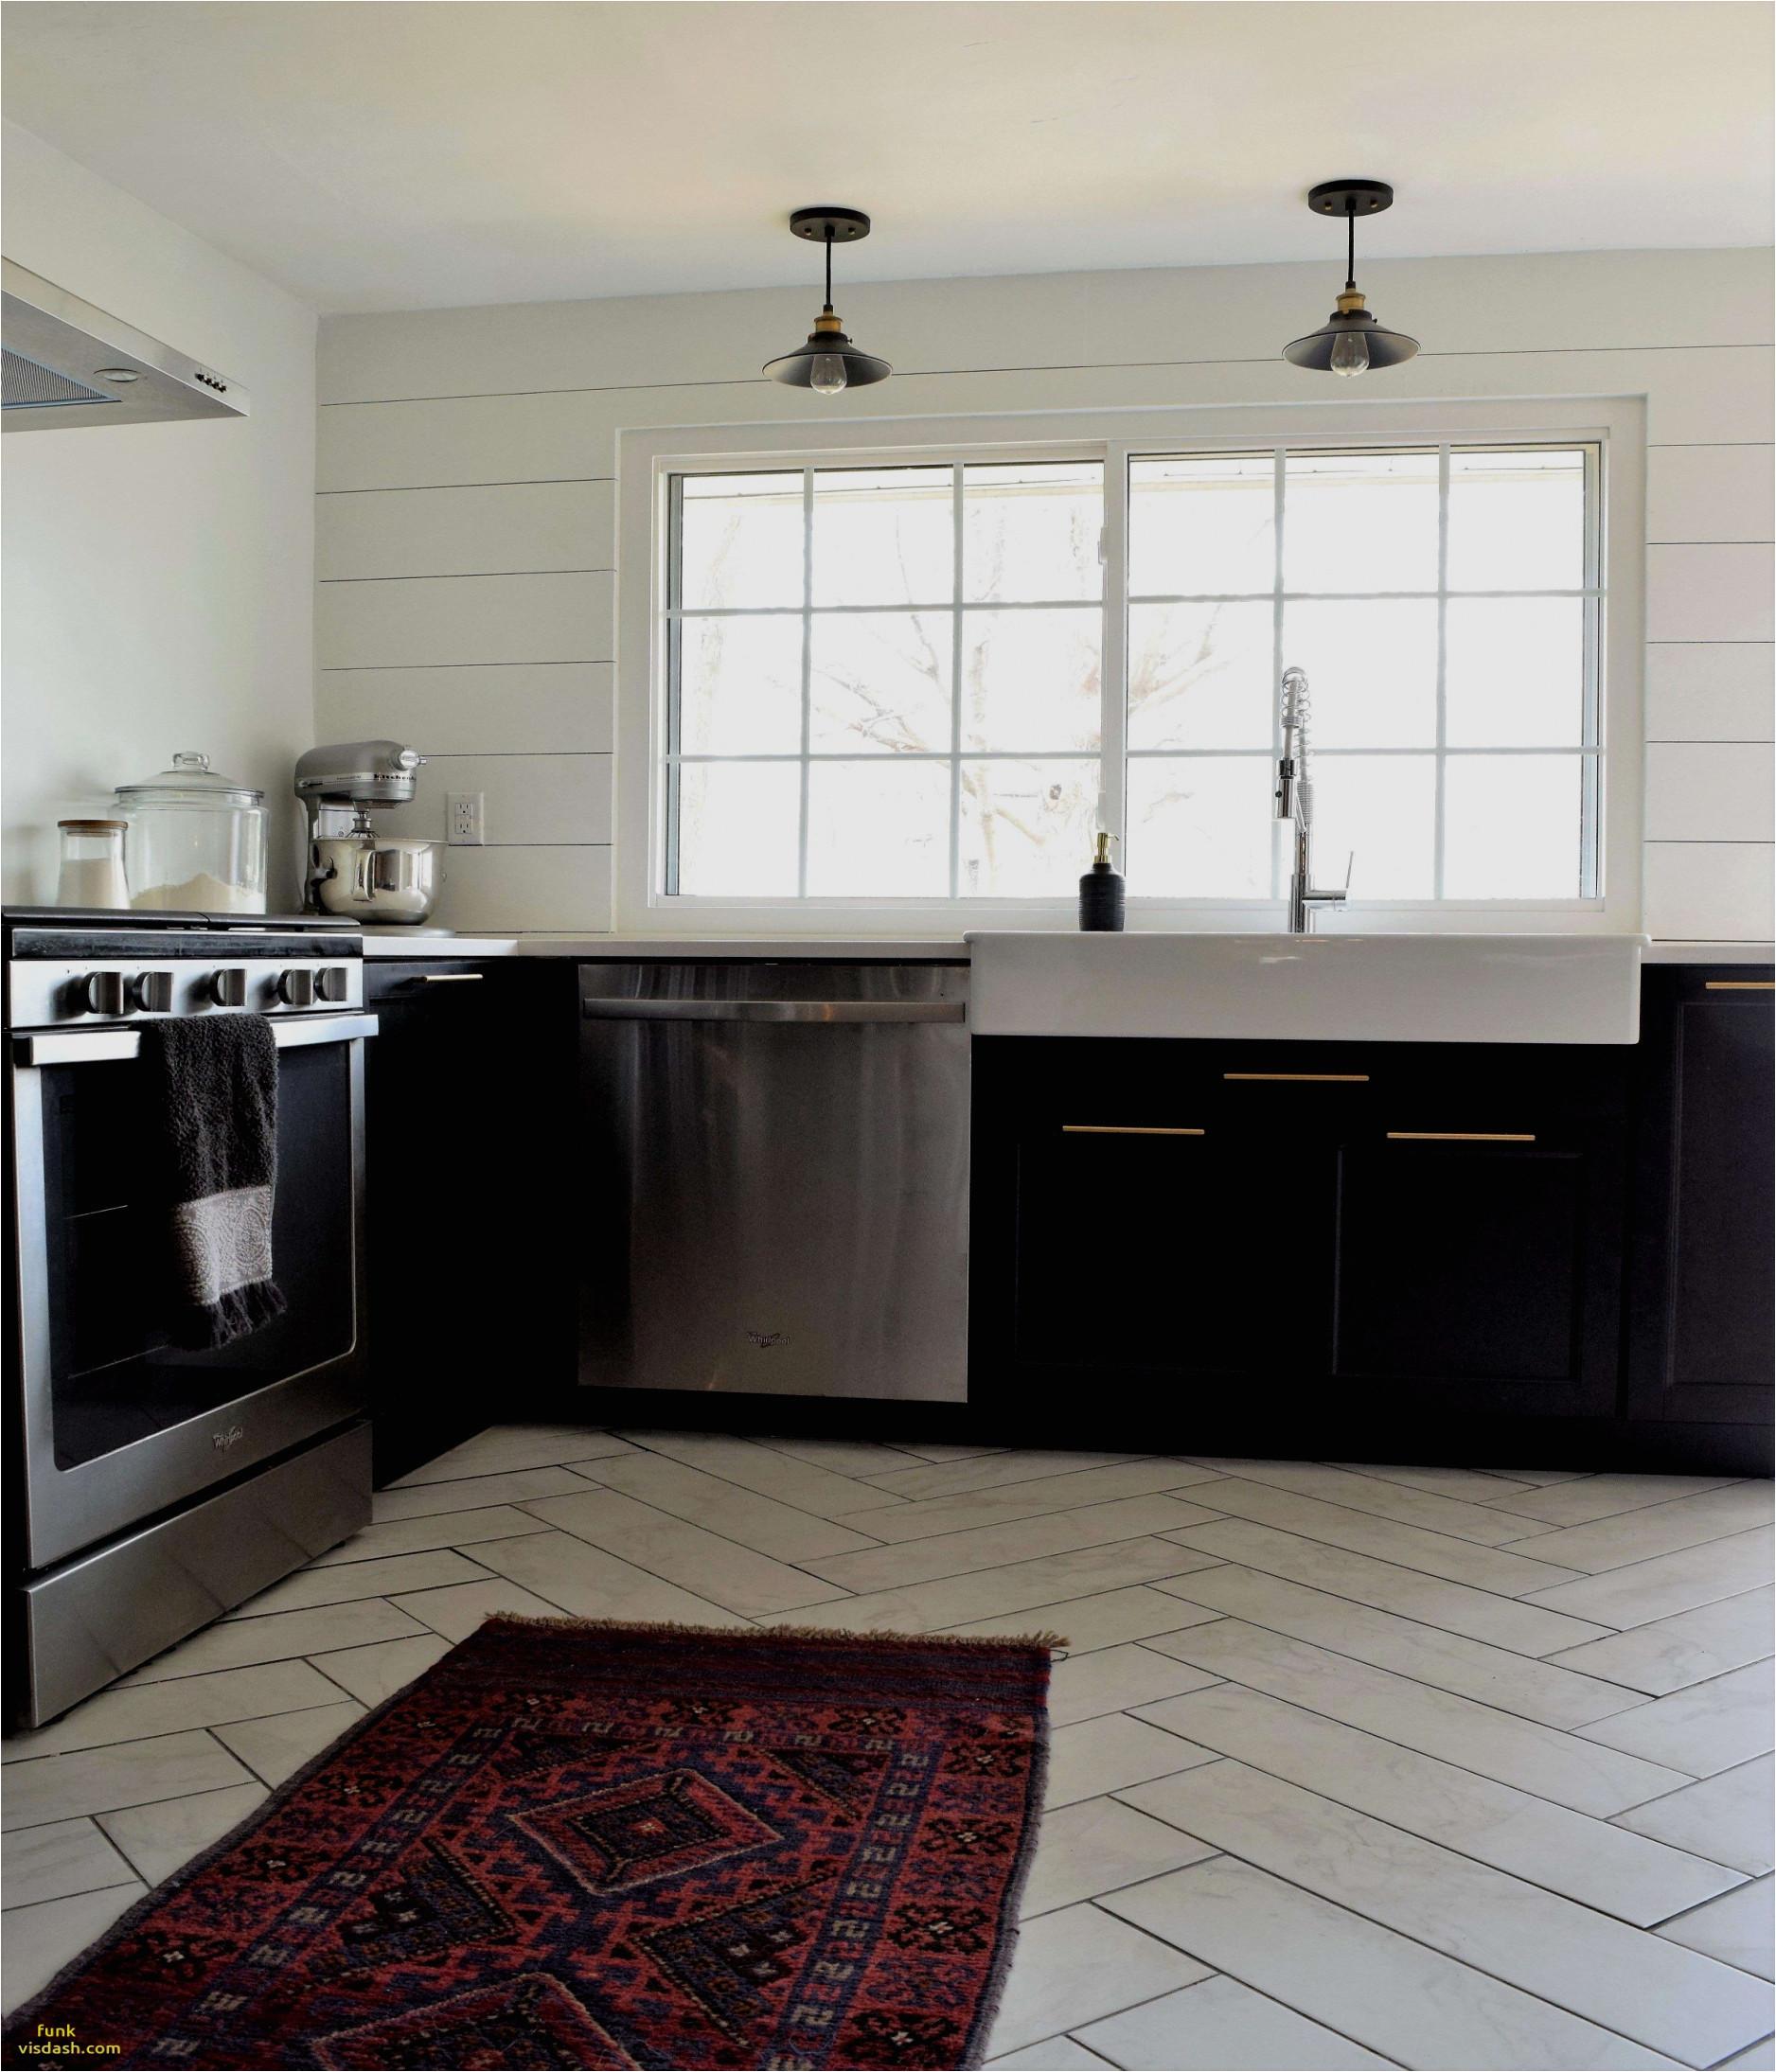 diy kitchen remodel ideas latest kitchen remodel designs awesome kitchen design 0d design kitchen of diy